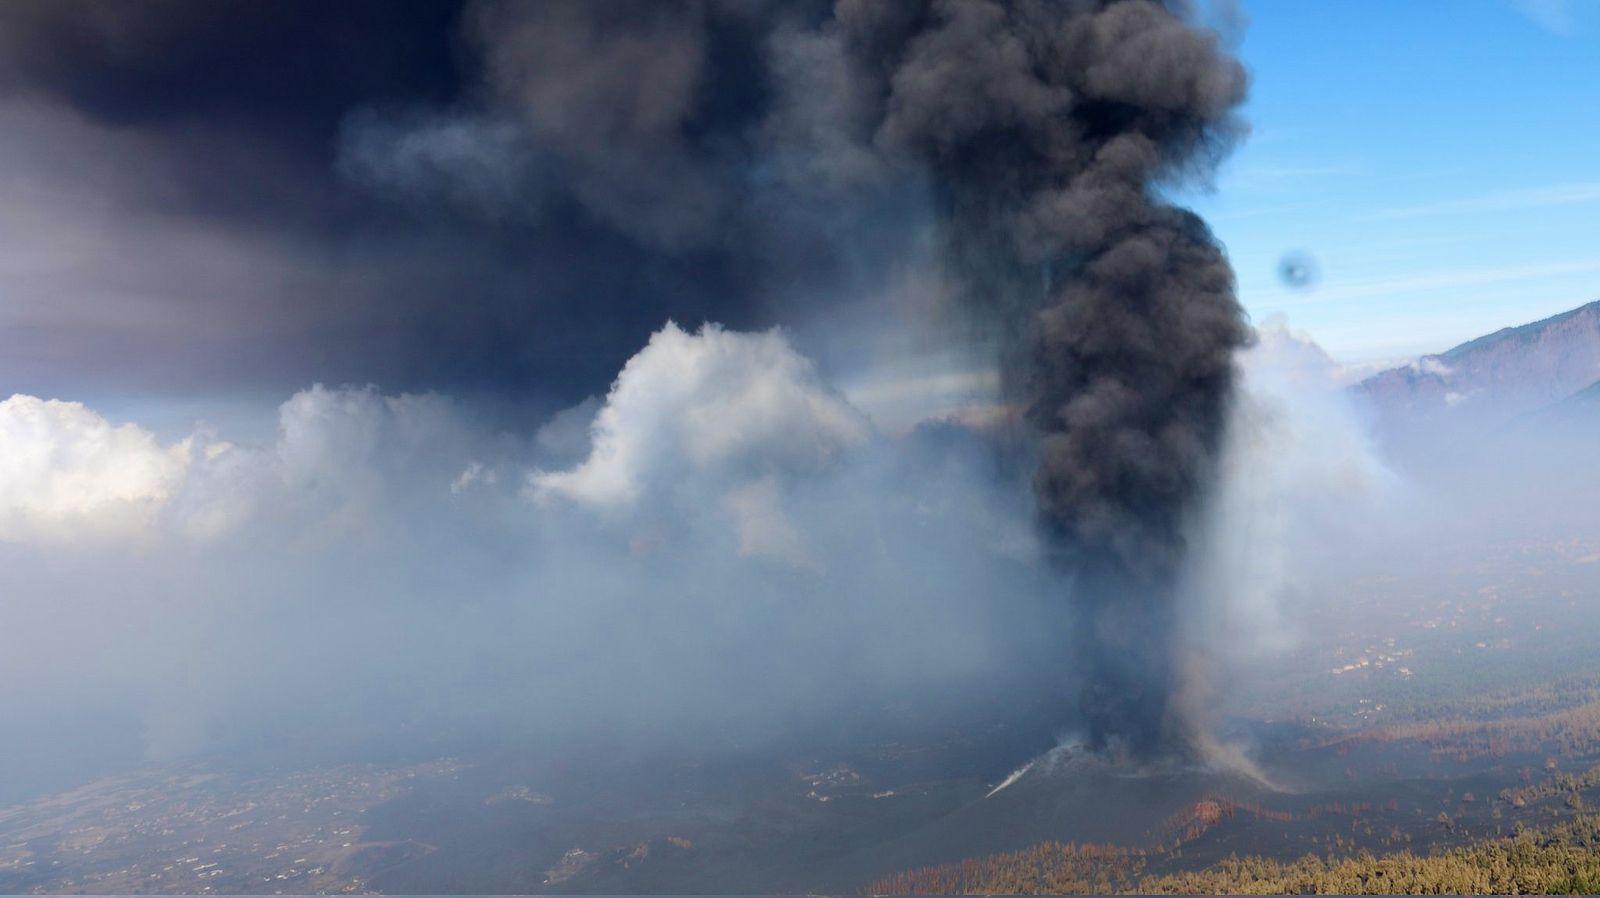 La Palma - le site éruptif du Cumbre Vieja le 06.10.2021 - photo InVolcan, à bord de l'hélico de la Guardia Civil